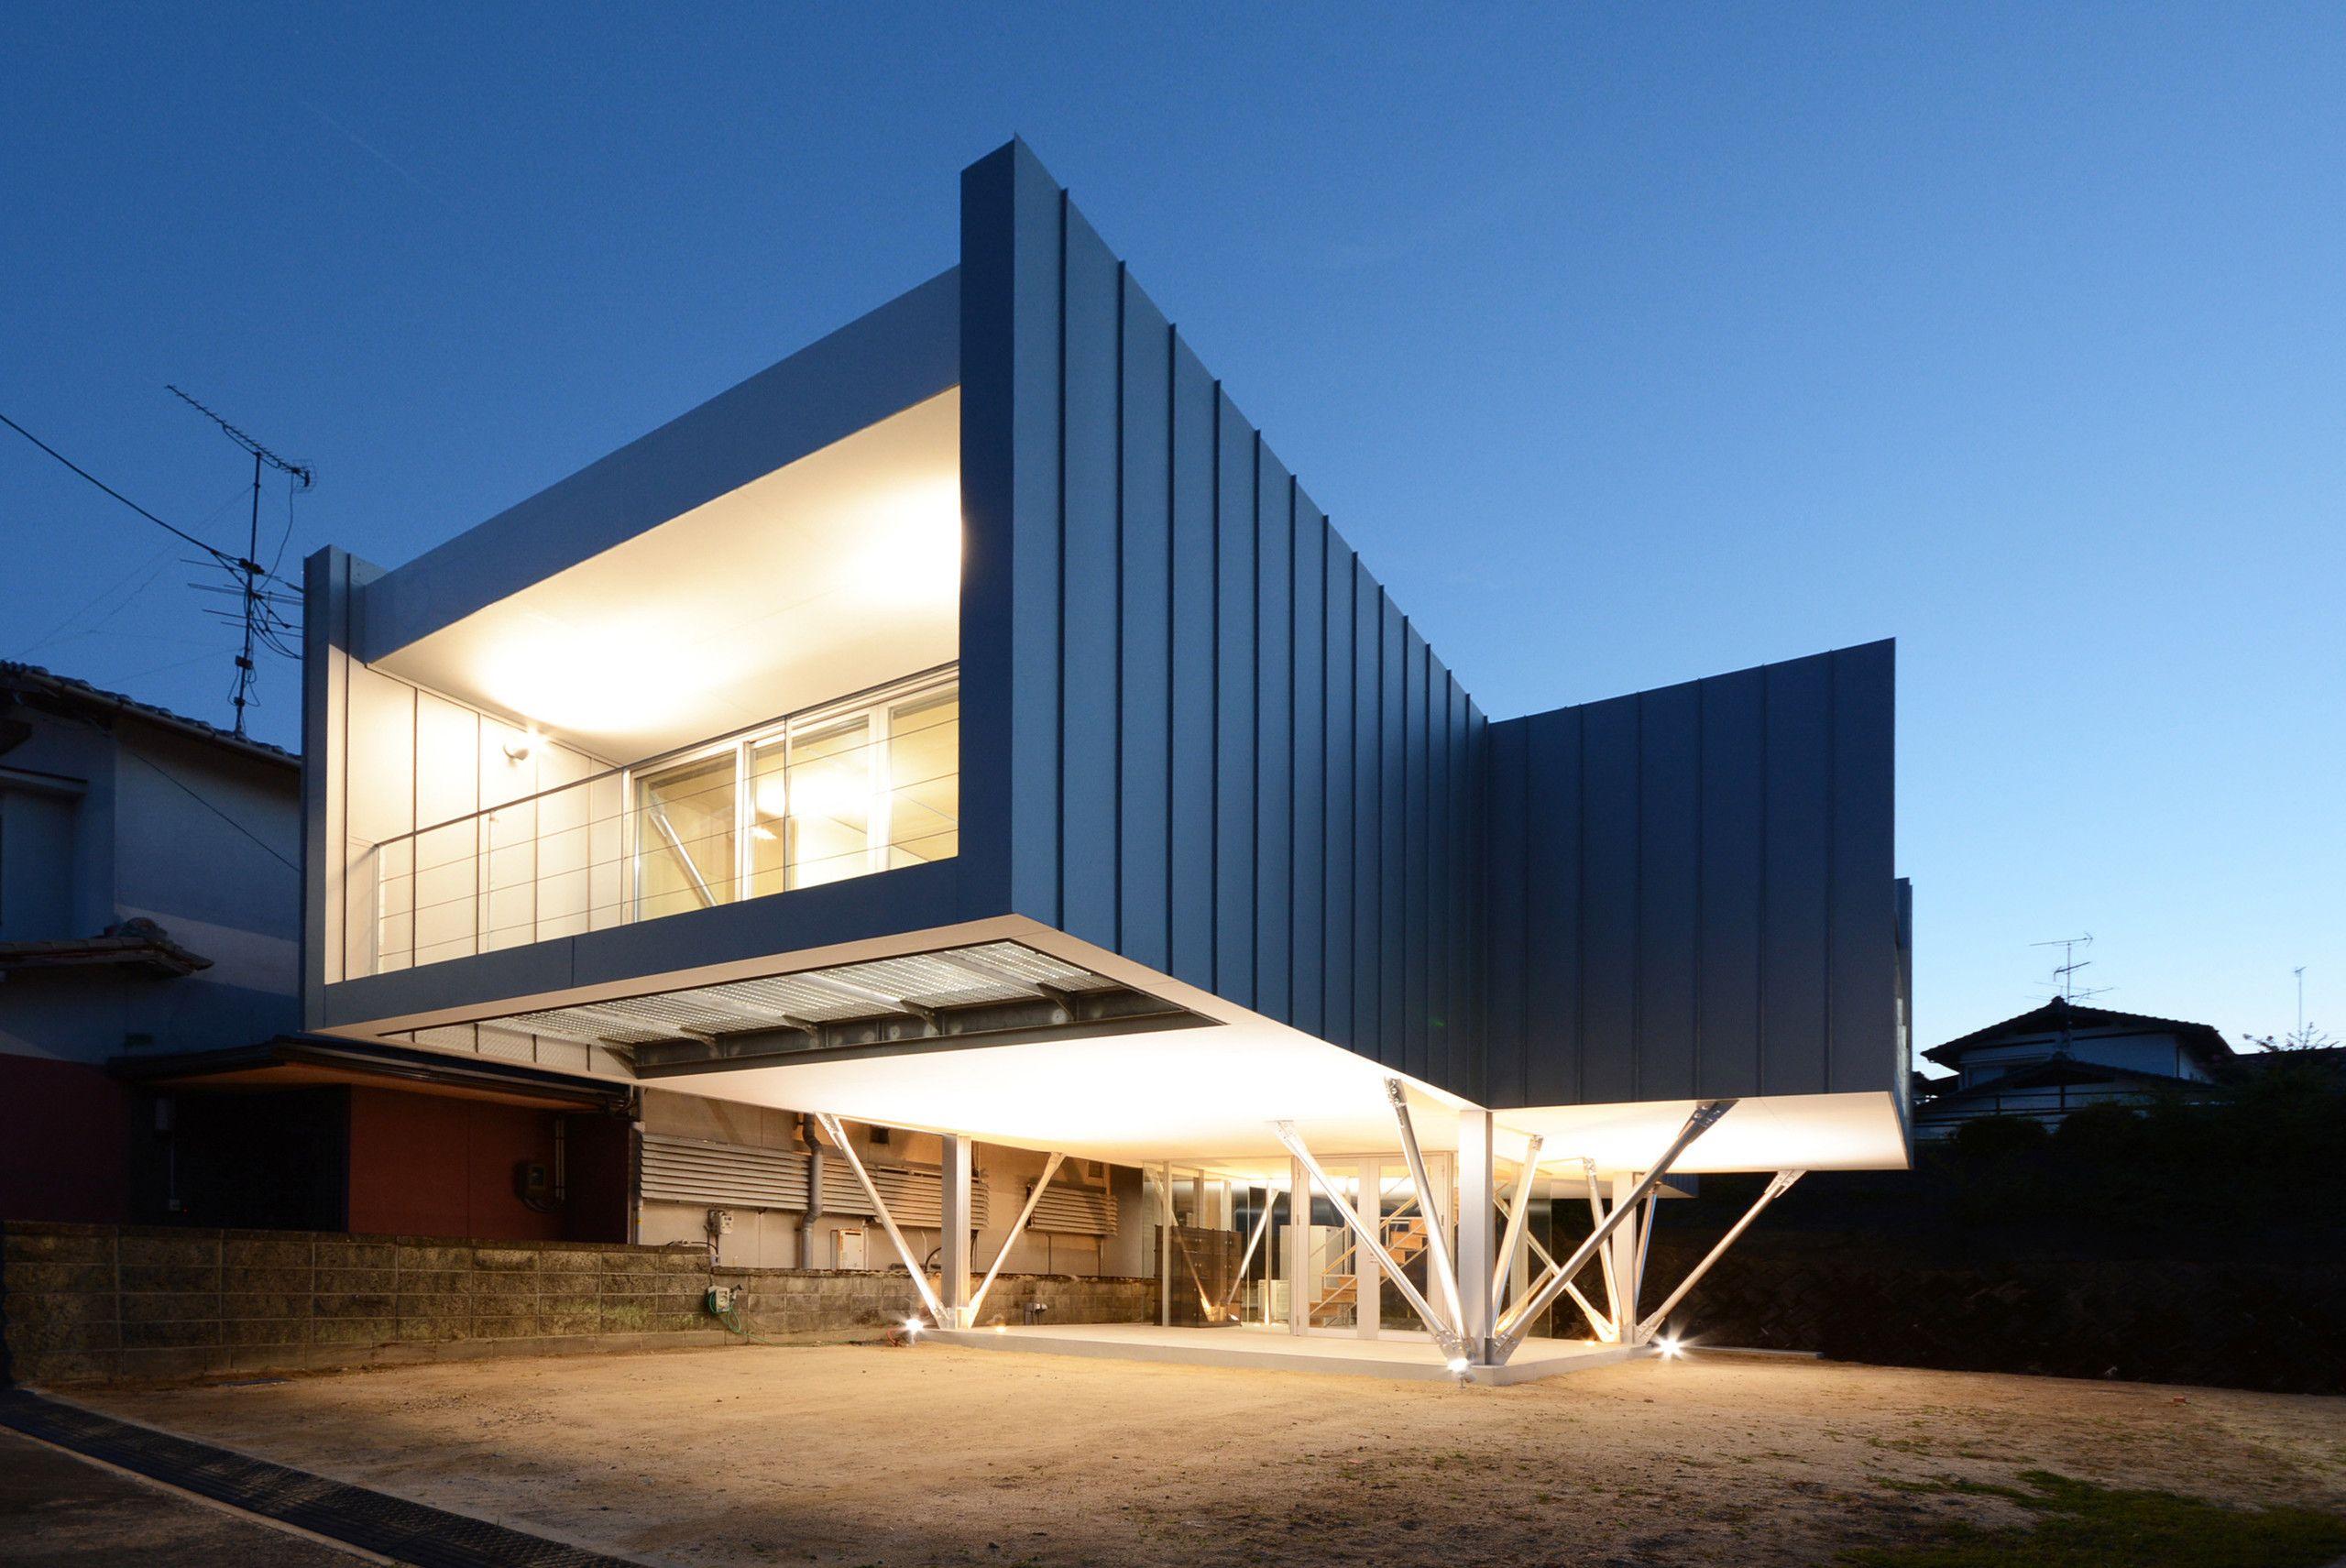 海を望む家フラミンゴハウス 海 の 見える 家 建築 建築デザイン